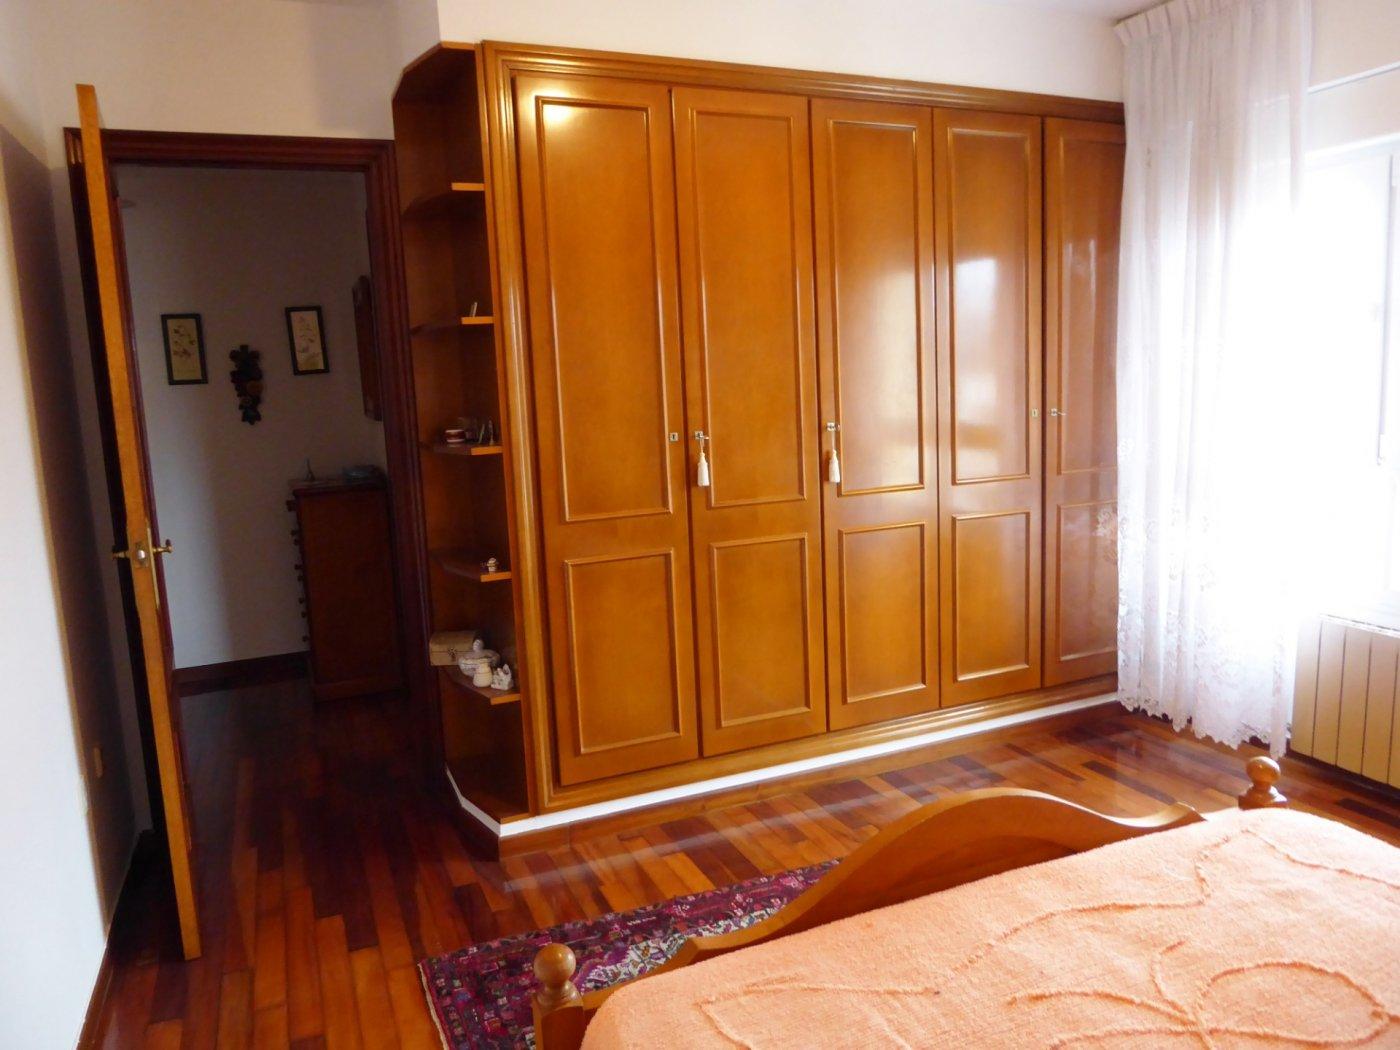 Alquiler de piso en gijon - imagenInmueble13